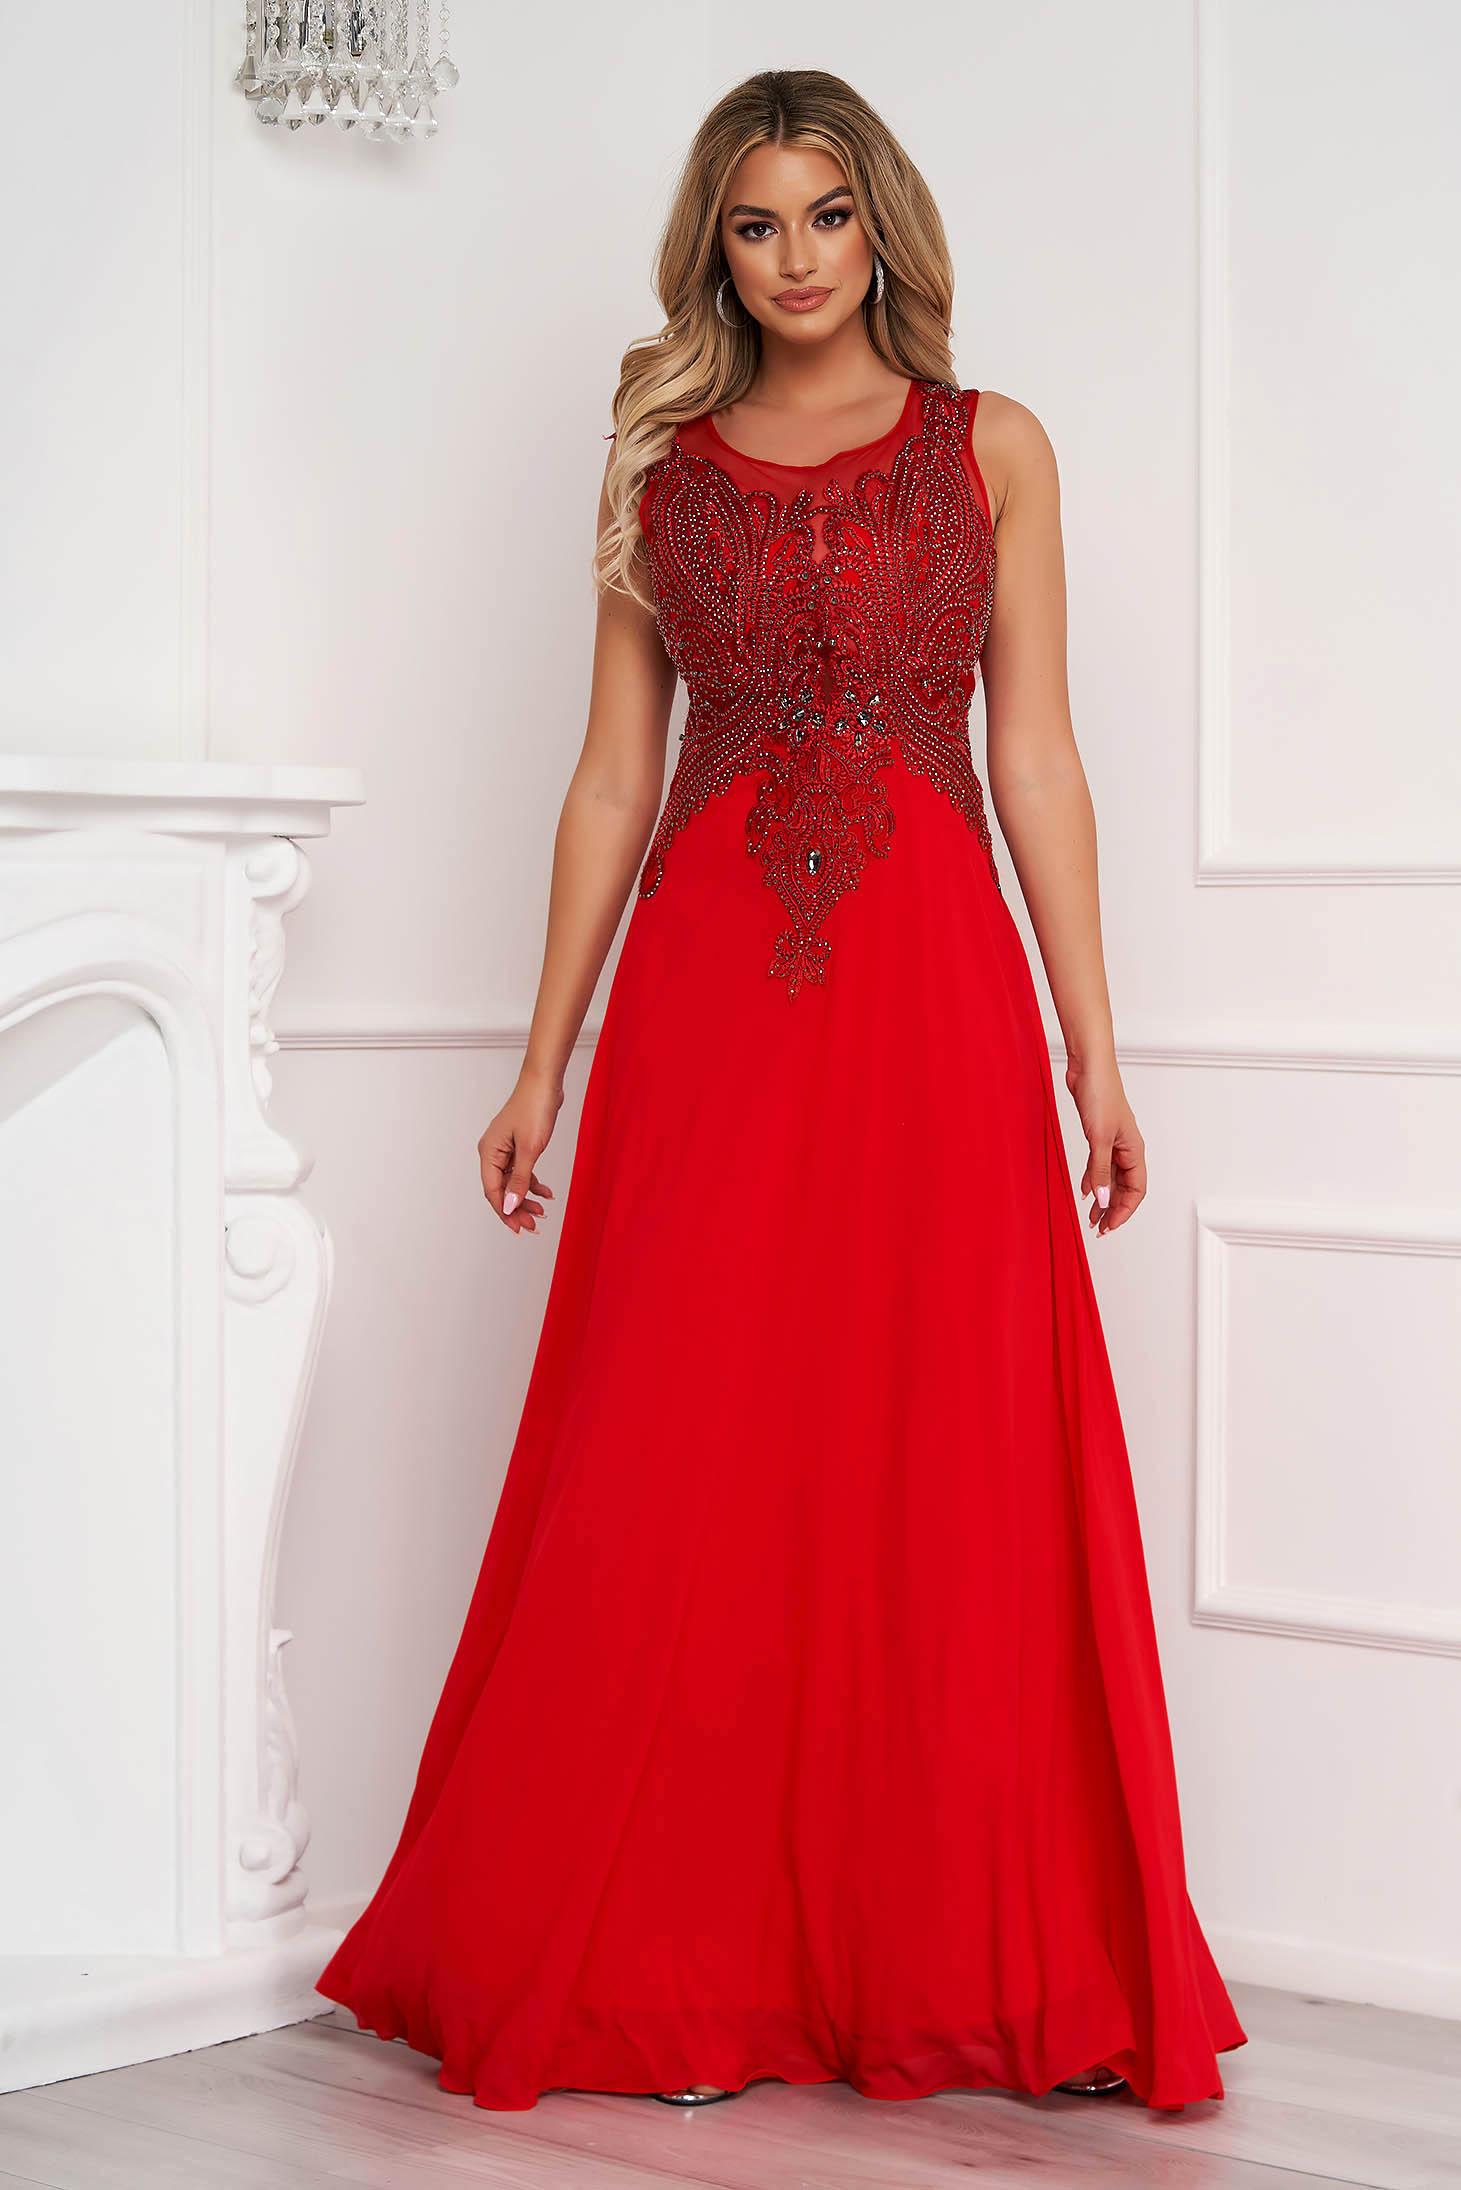 Rochie rosie lunga de ocazie in clos din voal fara maneci cu broderie accesorizata cu pietre stras